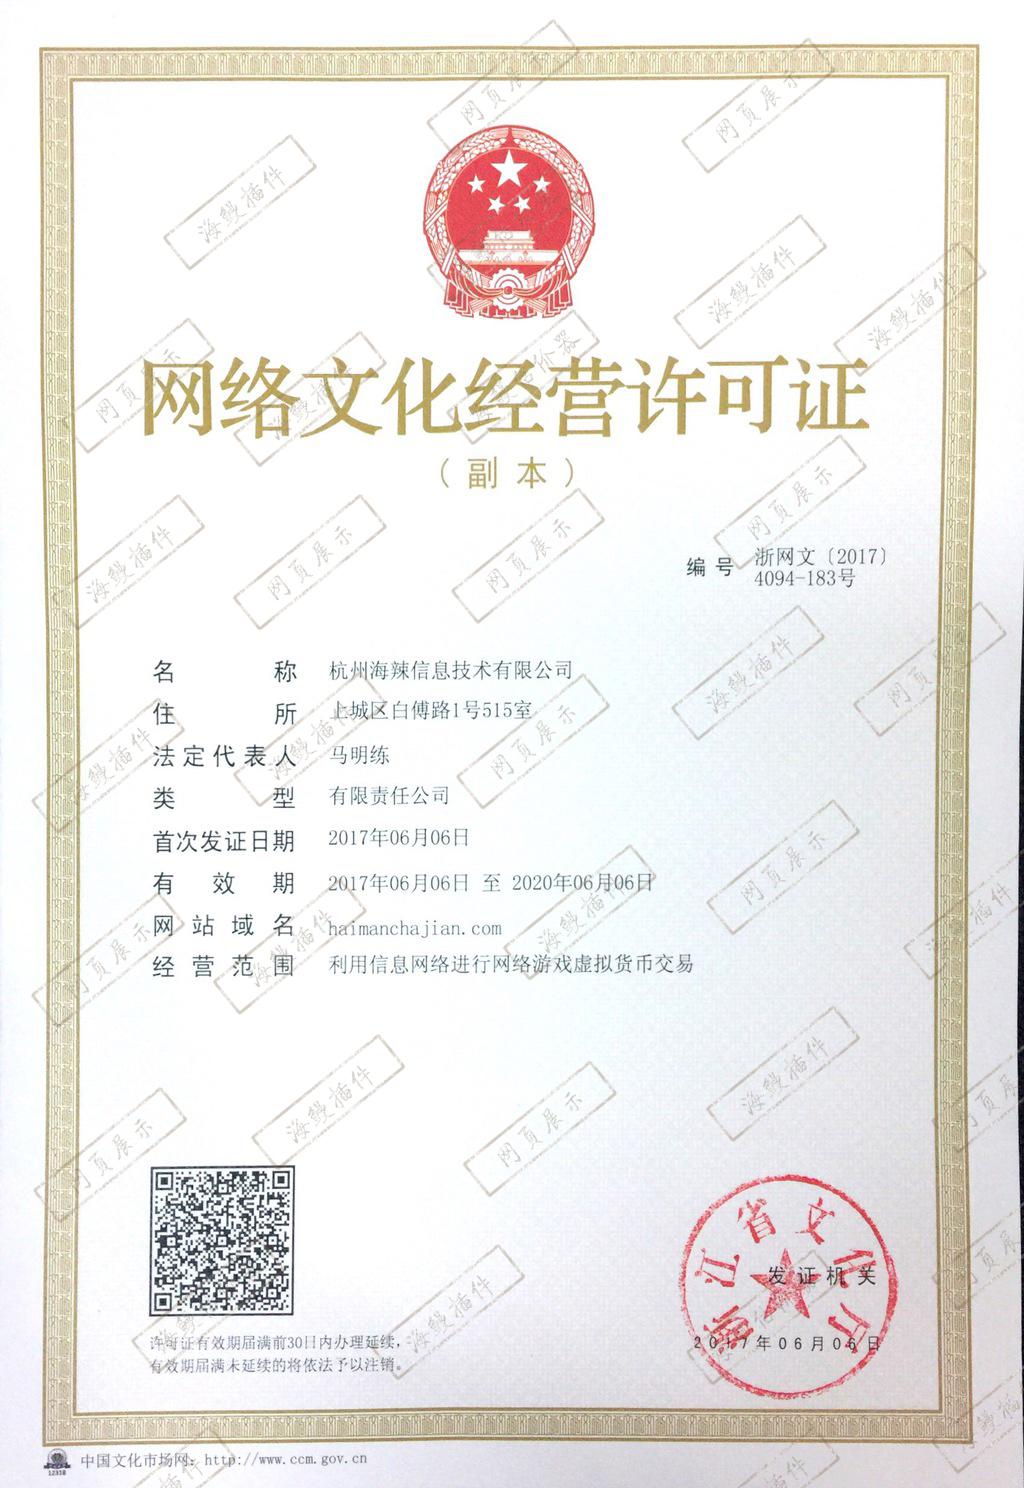 网络文化经营许可证(副本)